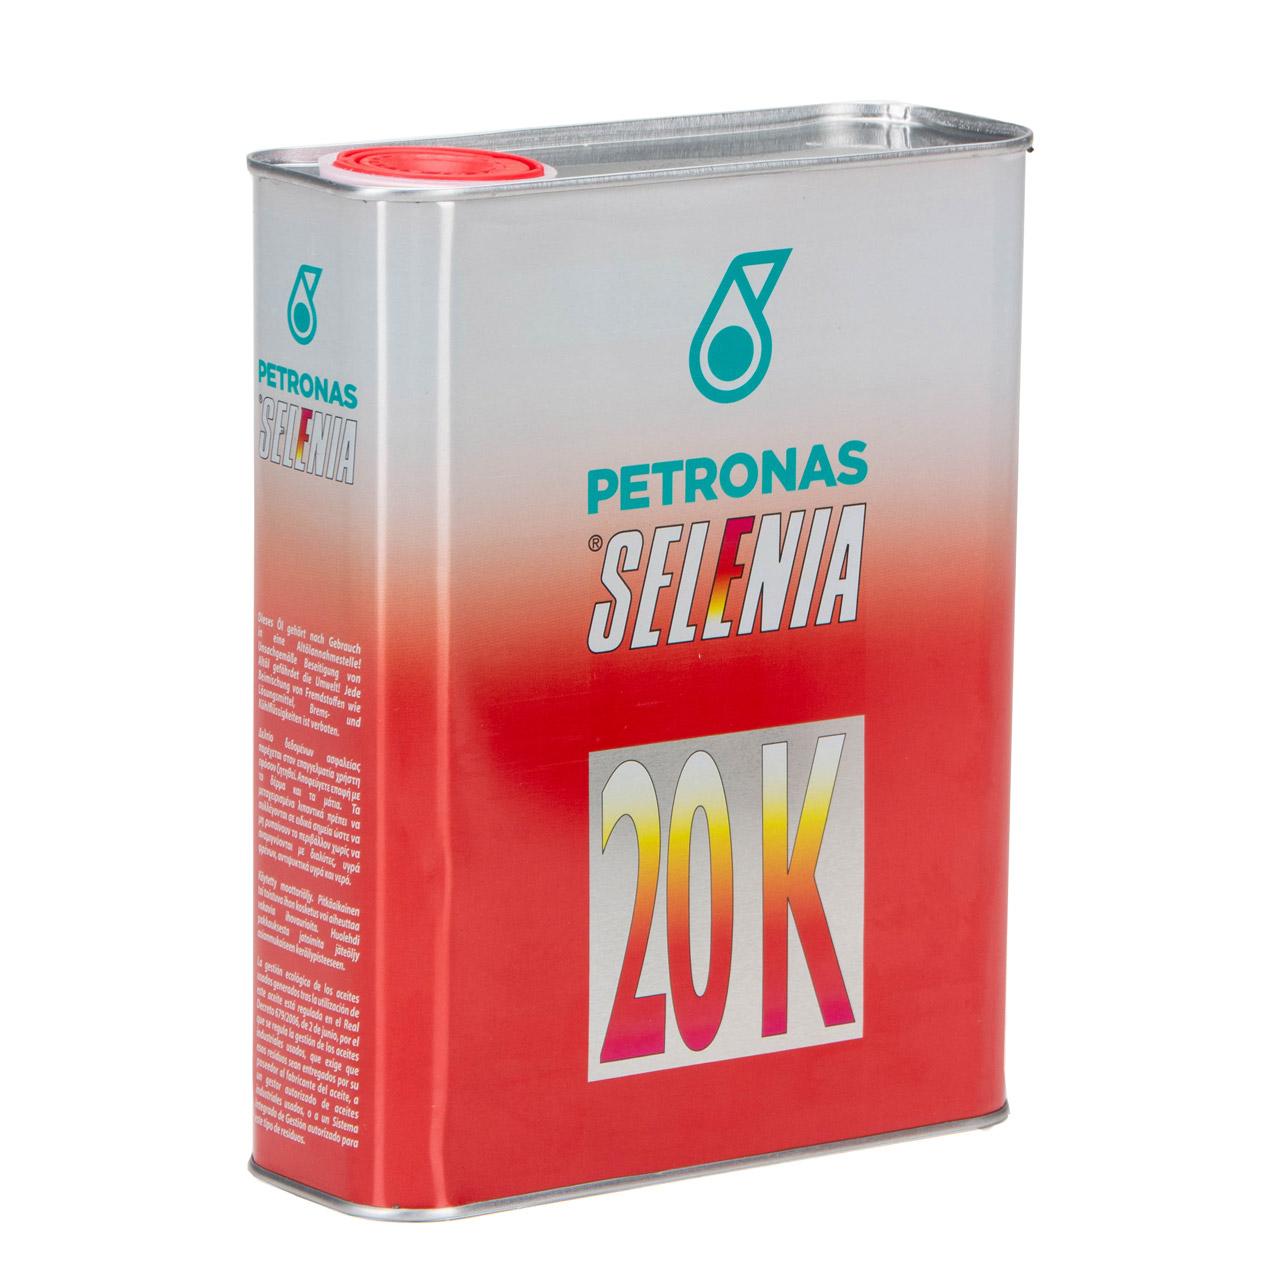 PETRONAS SELENIA Motoröl Öl 20 K 10W-40 10W40 Fat 9.5535-G2/2015 - 10L 10 Liter